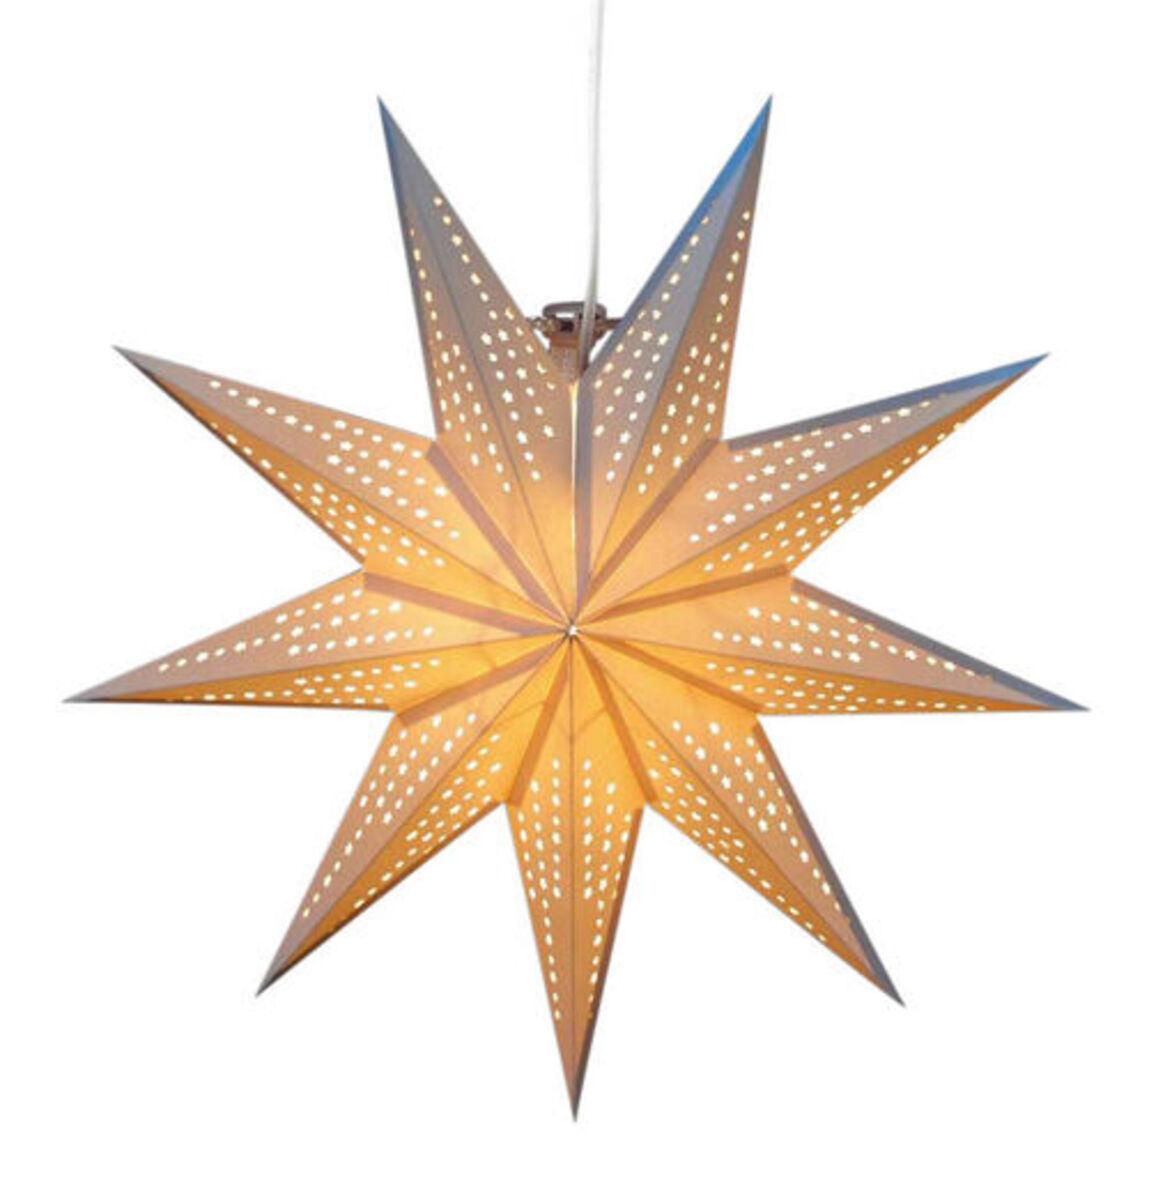 """Bild 2 von Galeria Selection Weihnachtsdekoration """"Papierstern"""", 45 cm, hängend, weiß"""